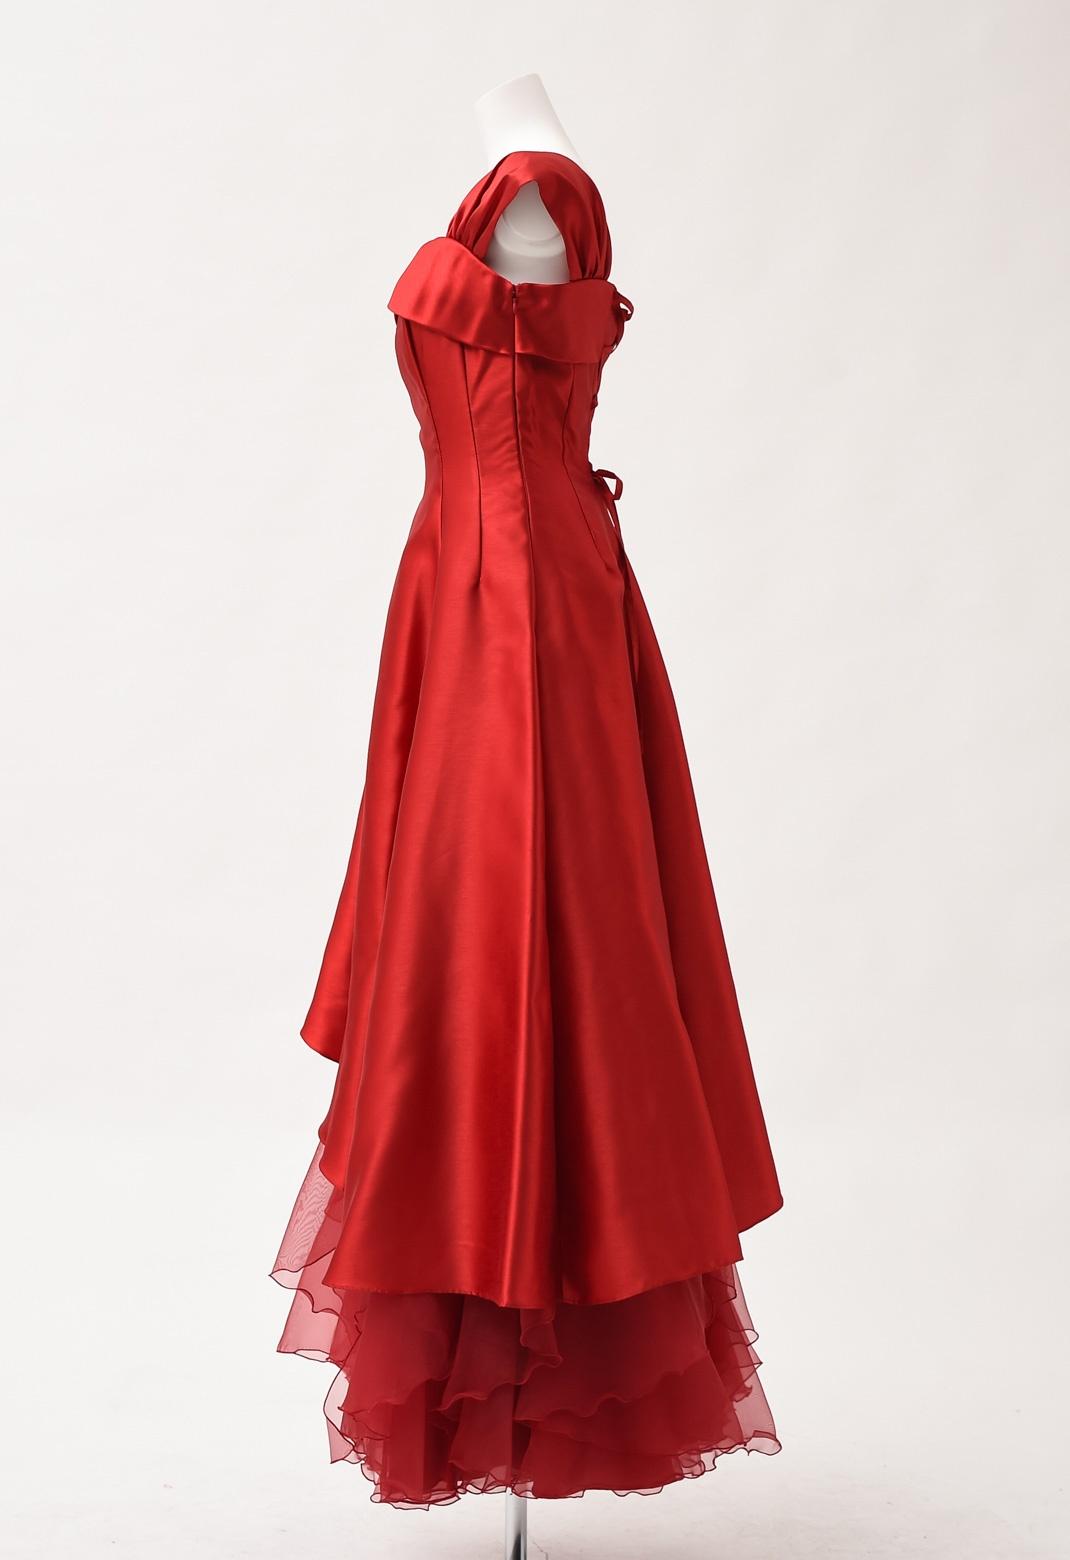 サテン×裾シフォン フレンチスリーブ ロングドレス